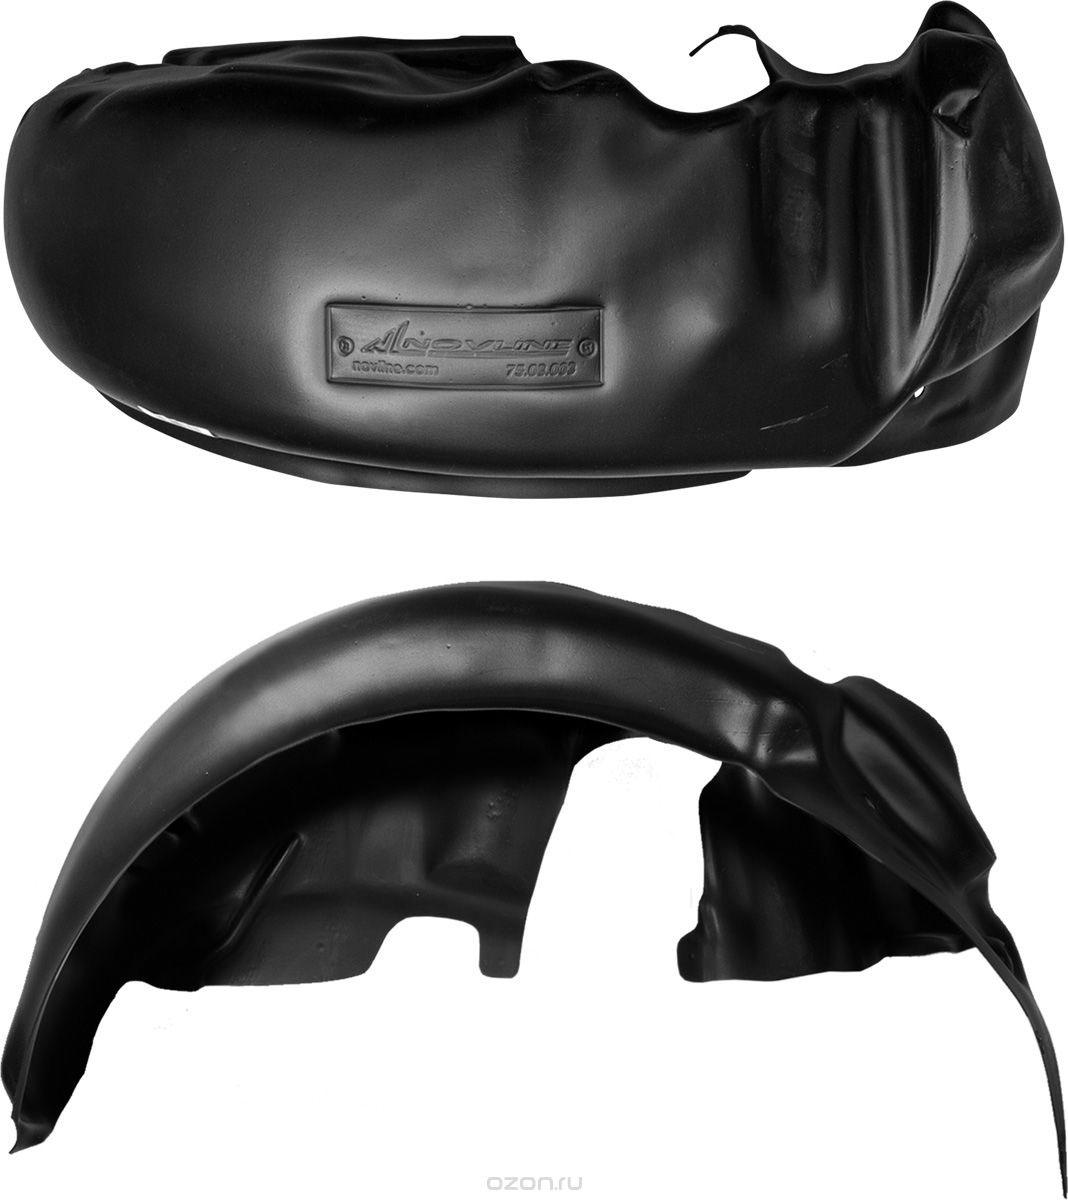 Подкрылок Novline-Autofamily, для Нива 04/1997->, б/б, задний левый002403Идеальная защита колесной ниши. Локеры разработаны с применением цифровых технологий, гарантируют максимальную повторяемость поверхности арки. Изделия устанавливаются без нарушения лакокрасочного покрытия автомобиля, каждый подкрылок комплектуется крепежом. Уважаемые клиенты, обращаем ваше внимание, что фотографии на подкрылки универсальные и не отражают реальную форму изделия. При этом само изделие идет точно под размер указанного автомобиля.